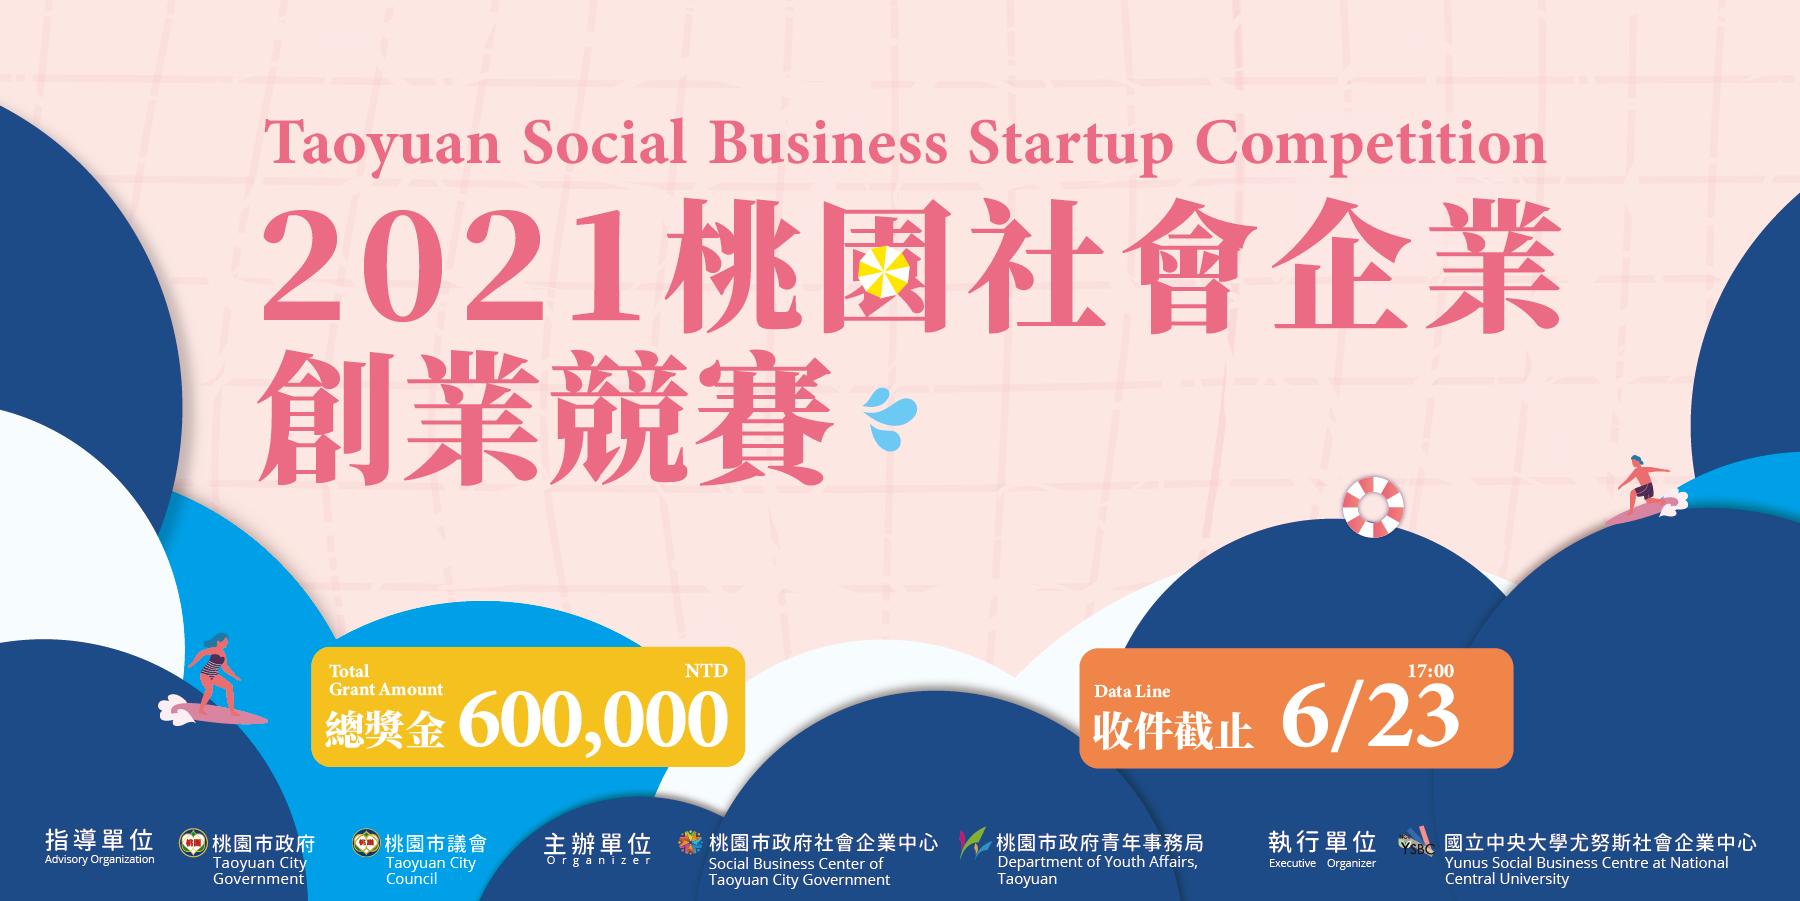 2021桃園社會企業創業競賽🔥還在猶豫嗎,再晚就來不及囉?!